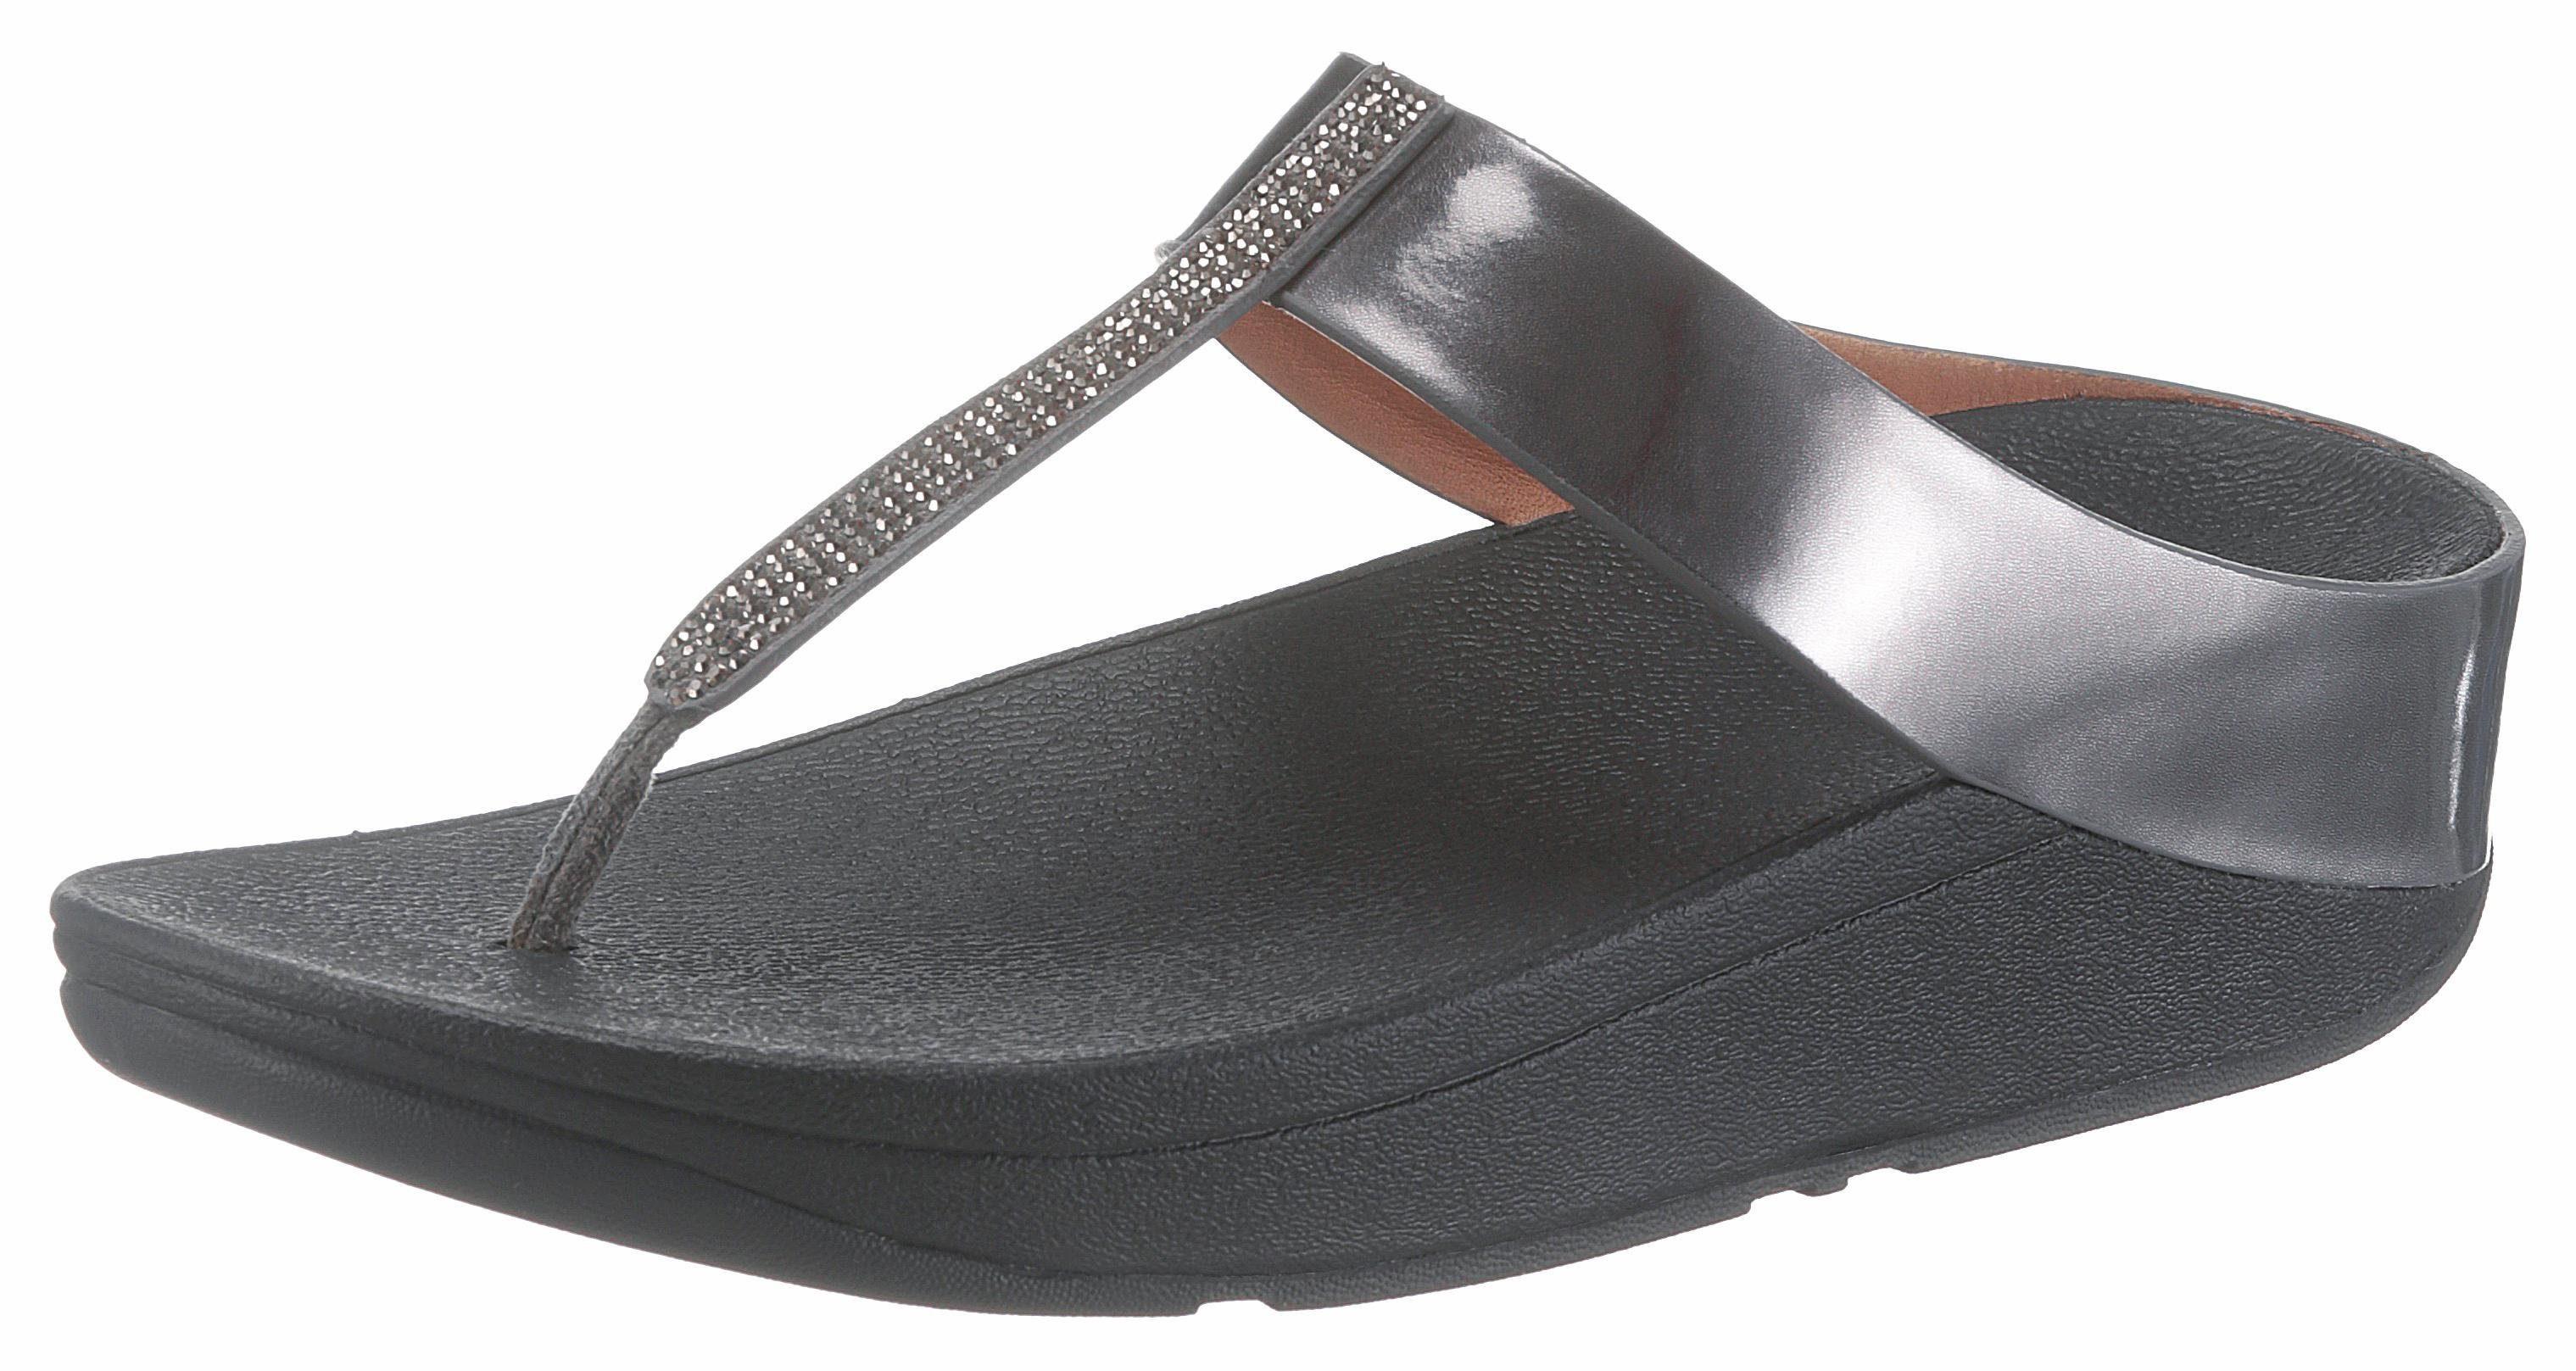 Fitflop Fino Crystal Toe-Thong Sandals Zehentrenner, im Metallic-Look online kaufen  altsilberfarben-schwarz